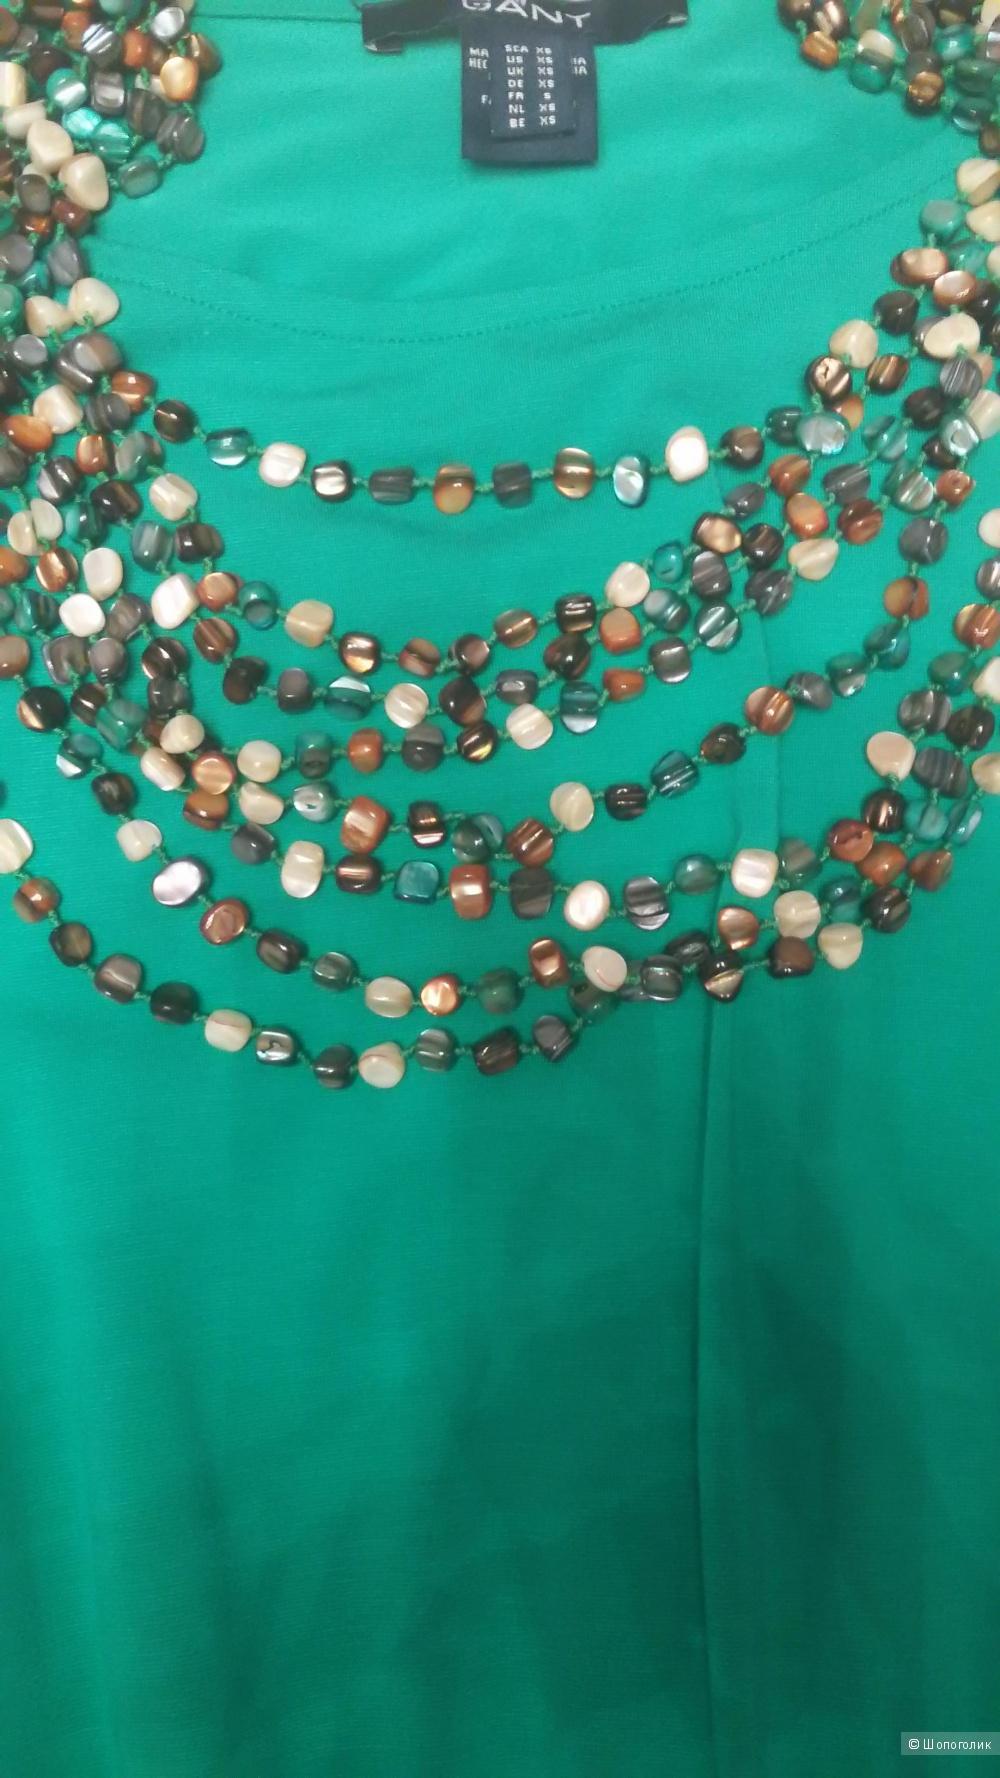 Платье  Gant, размер XS-S